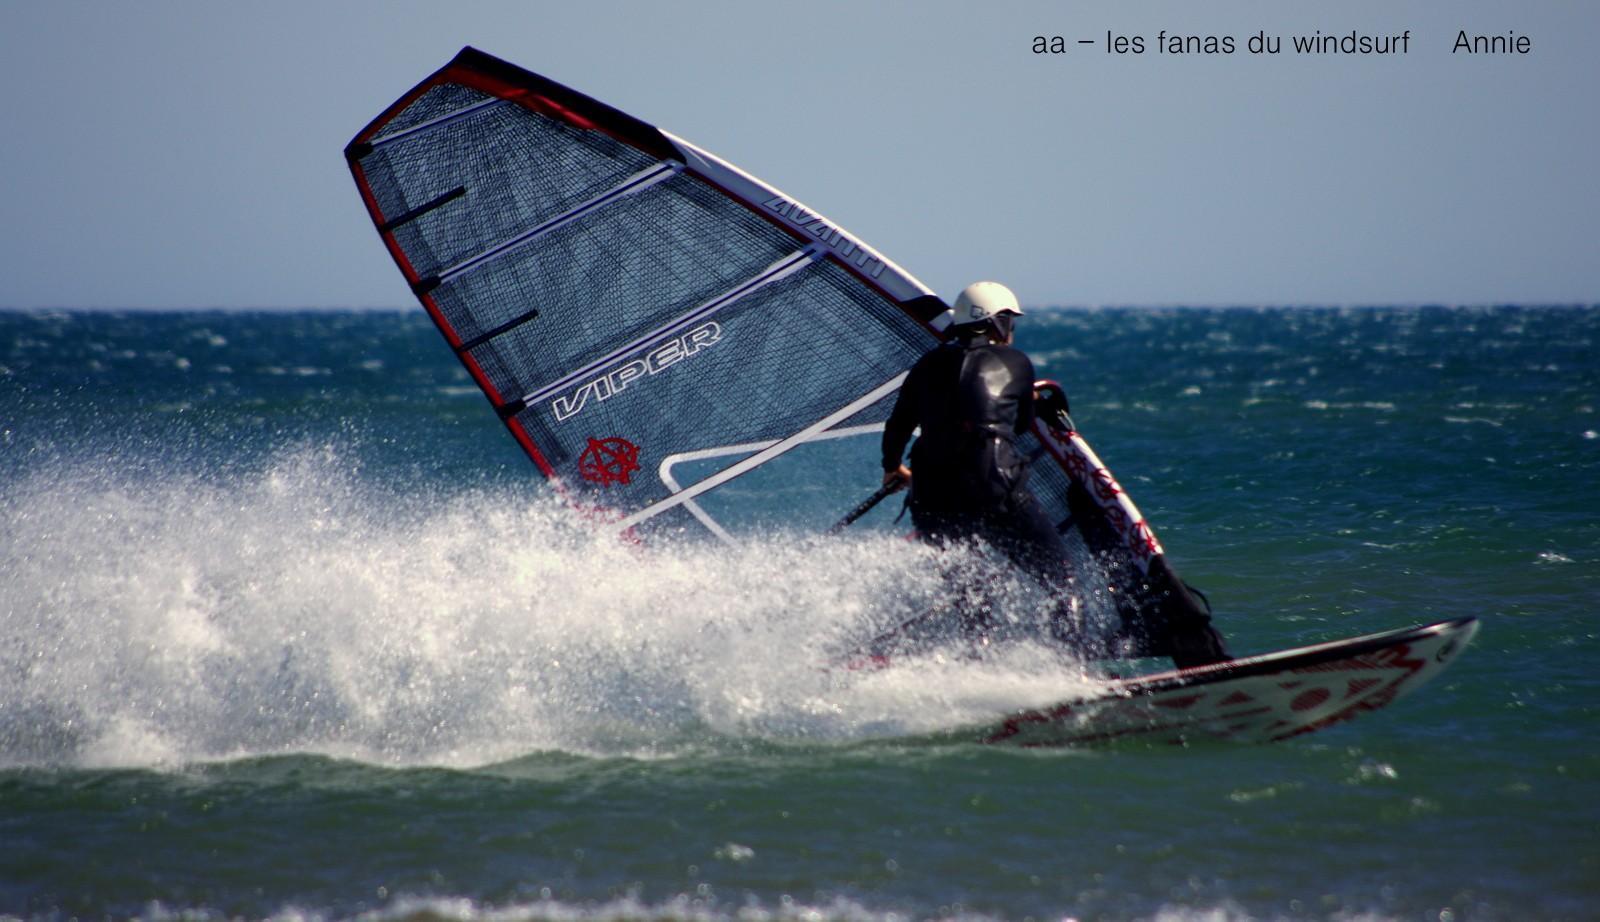 Surf report port la nouvelle 11 du 2015 09 25 12 00 00 - Meteo port la nouvelle ...